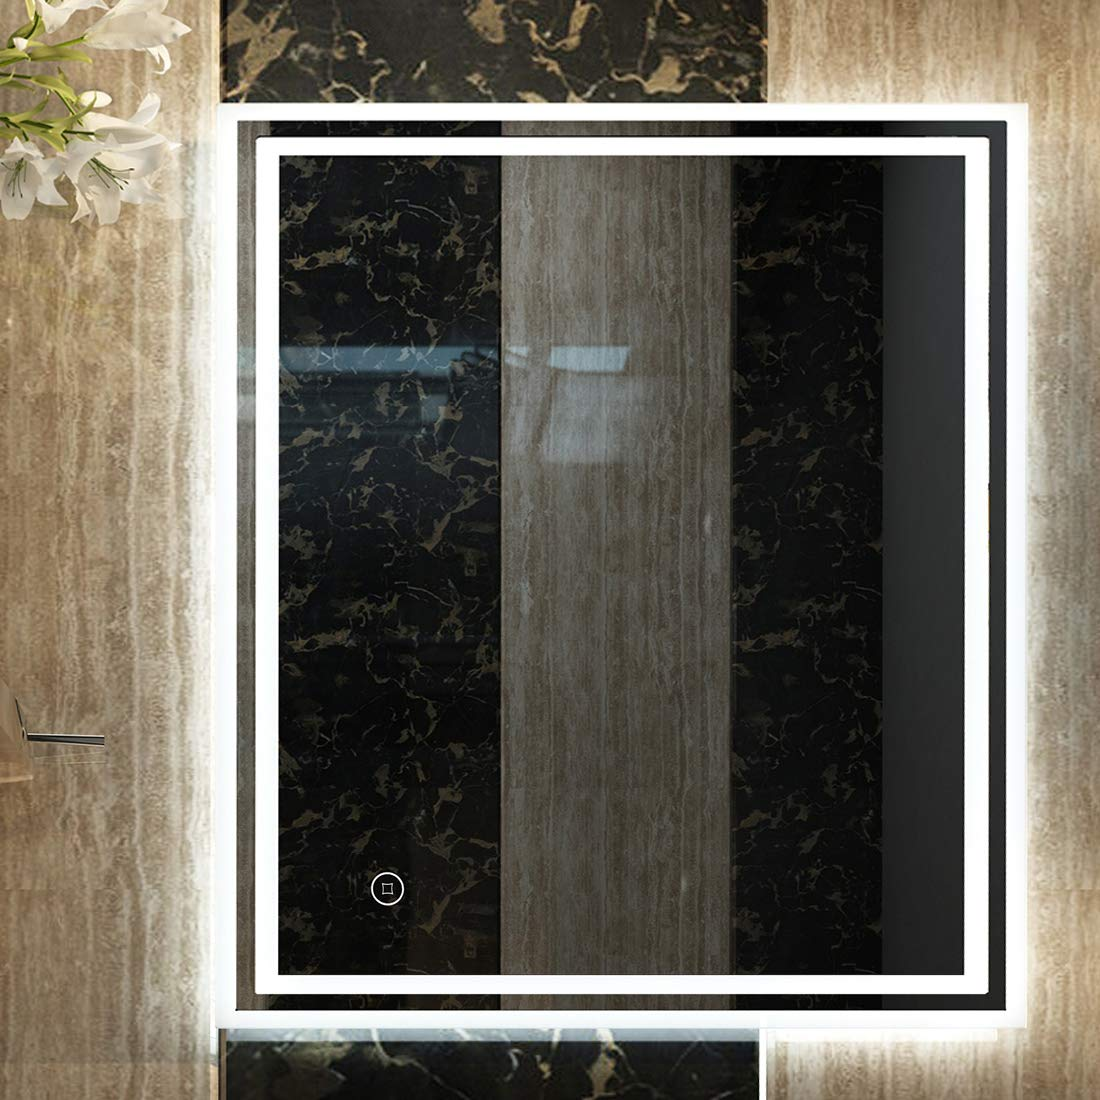 Duschdeluxe Miroir de Salle de Bain LED avec /éclairage Blanc Chaud 50x70cm mit Touchschalter Stil C